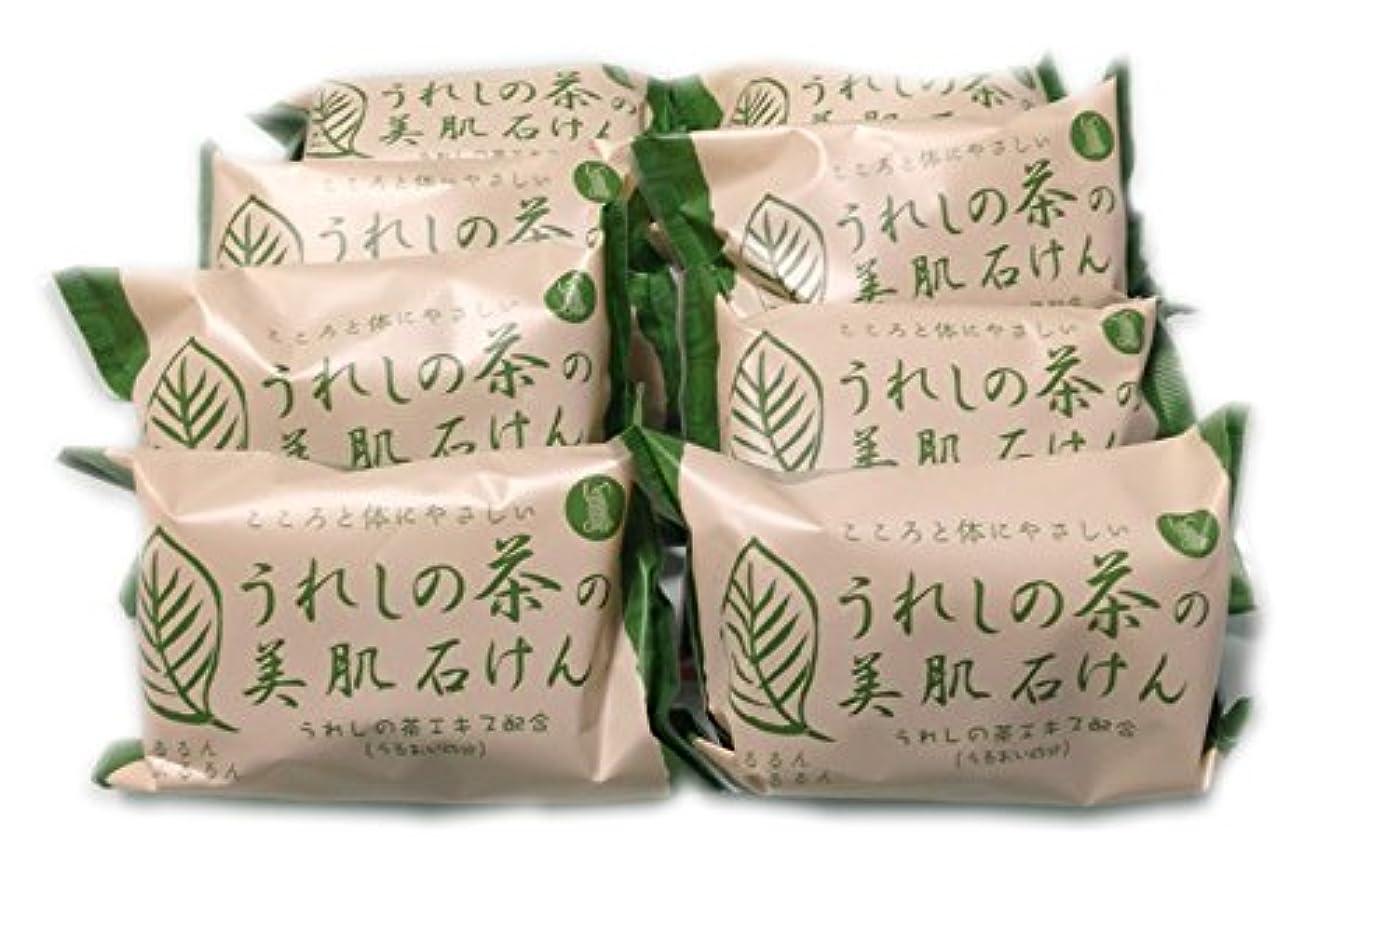 許されるバーガーファウル日本三大美肌の湯嬉野温泉 うれしの茶の美肌石けん8個セット